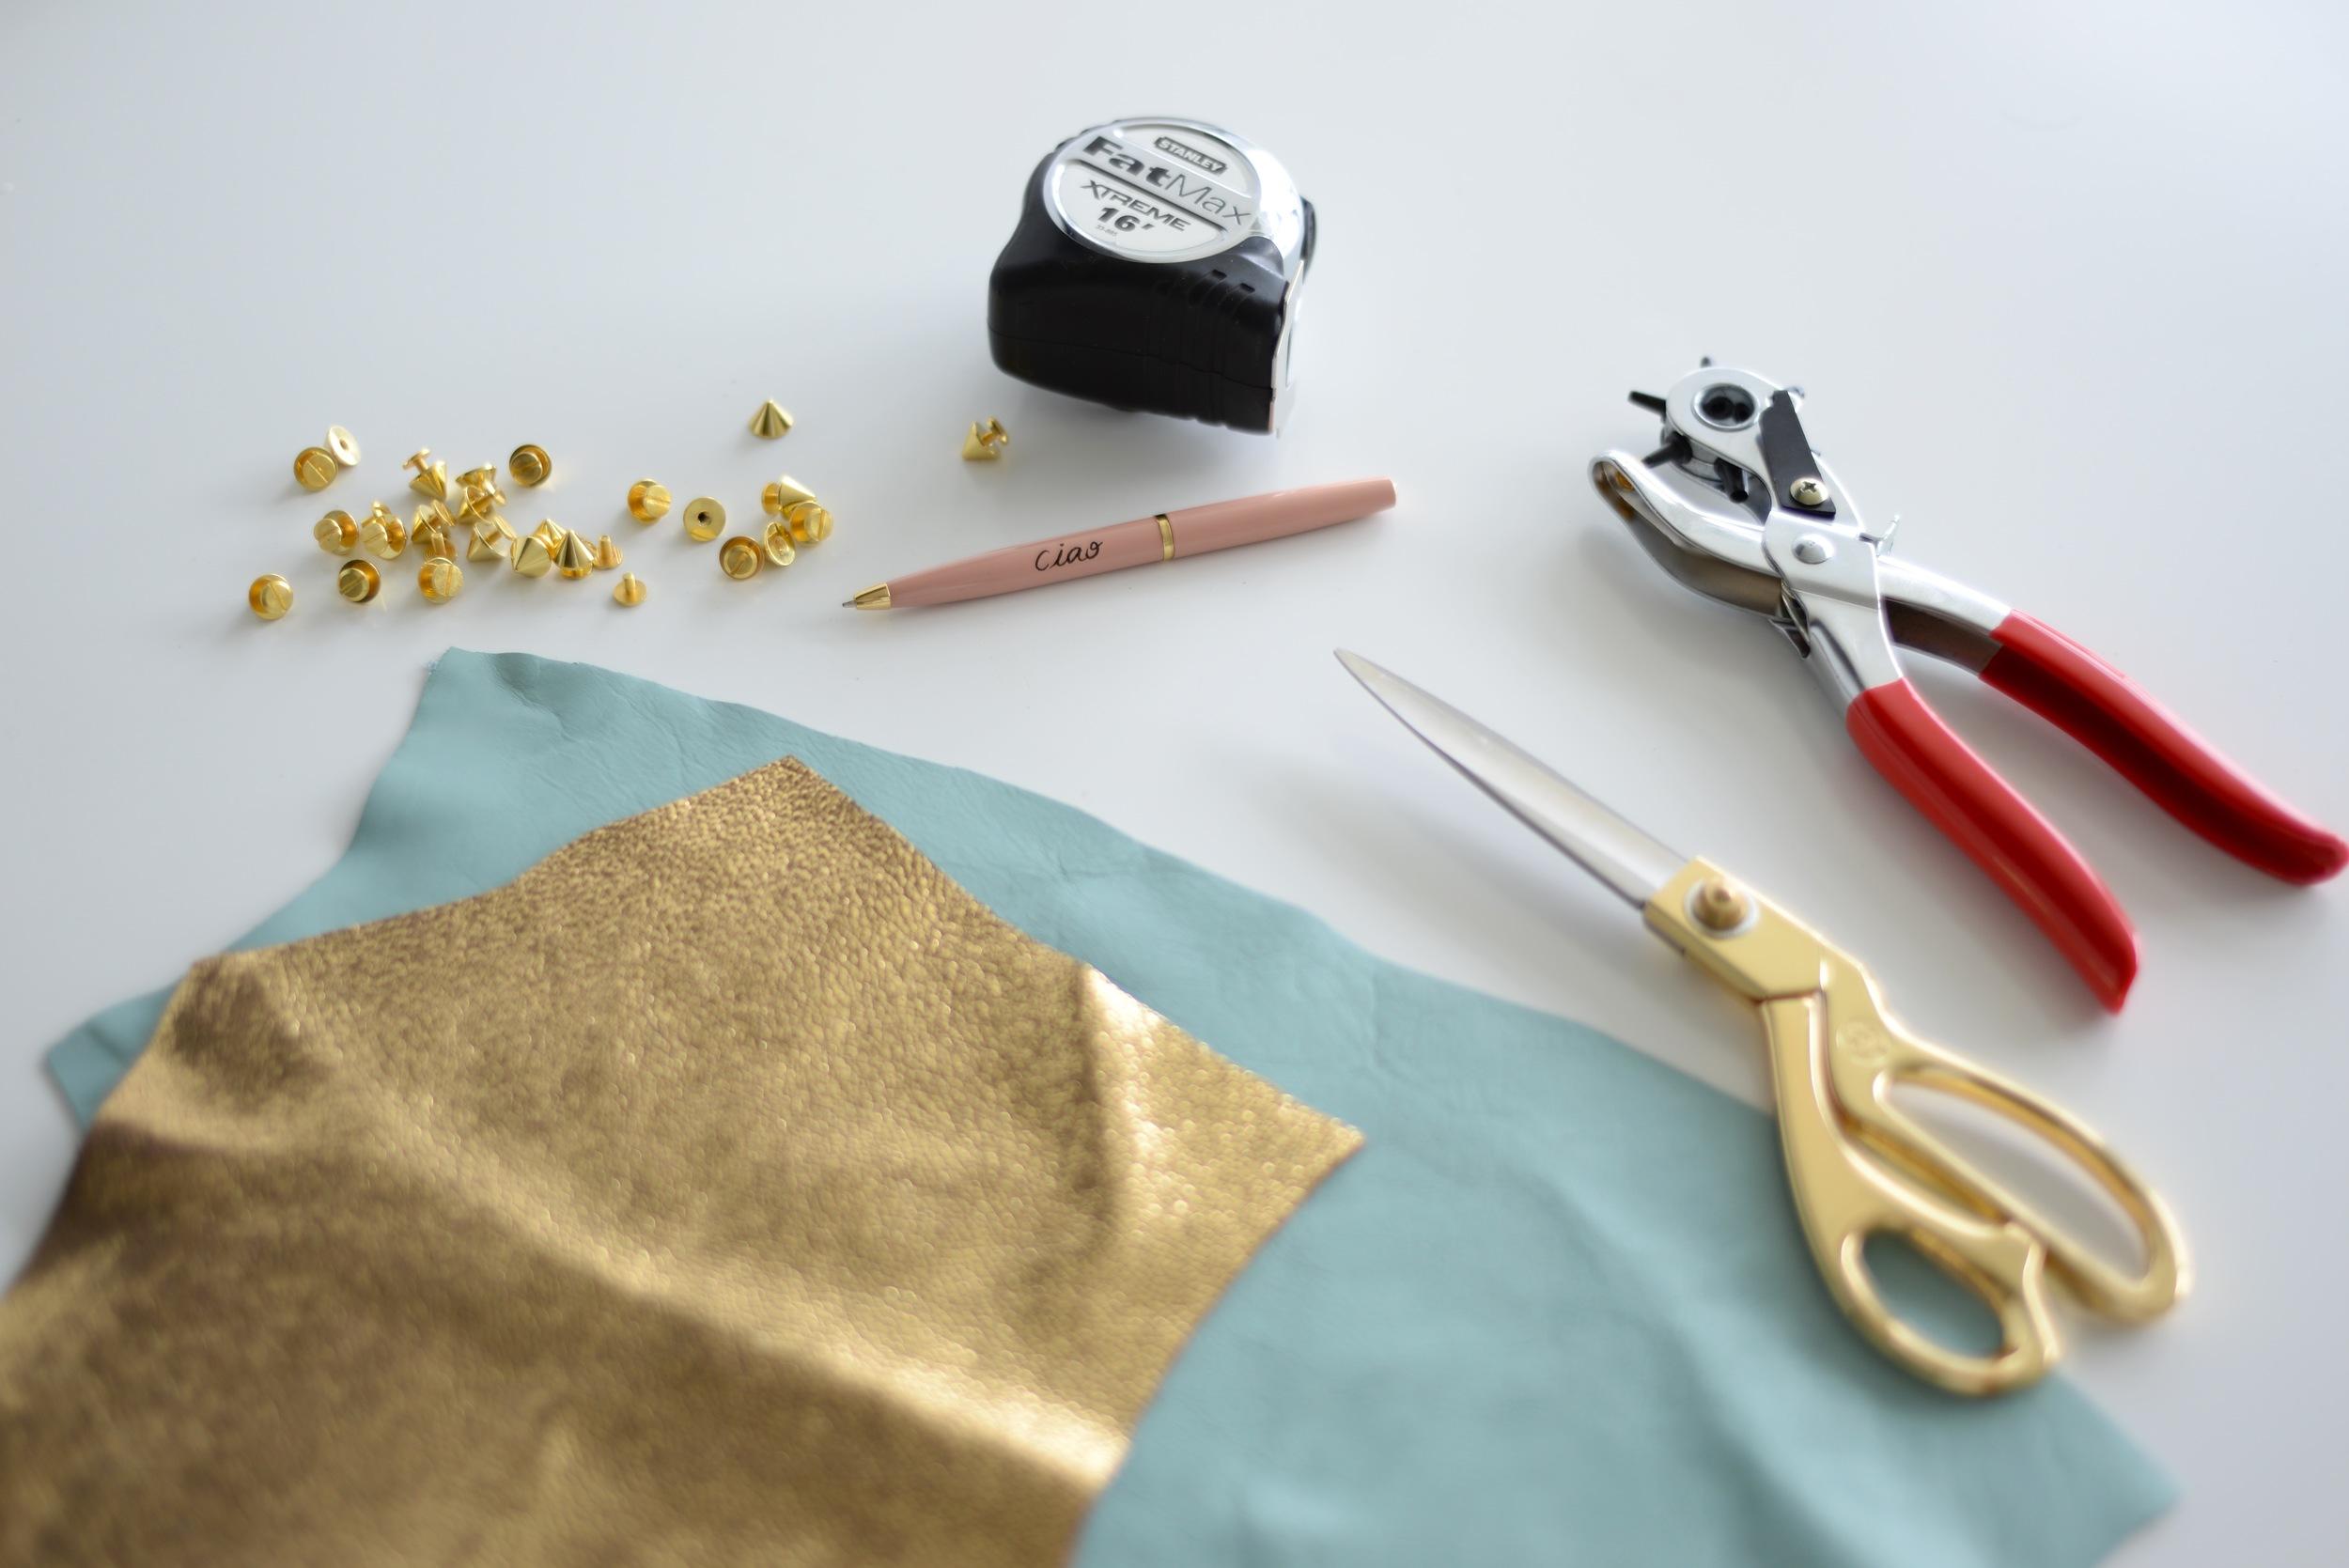 Diy, diy blog, easy diy, poppy barley, poppy barley leather, leather diy, trinket tray diy, jewellrey dish DIY, easy DIY, diy blogger, Canadian diy blog